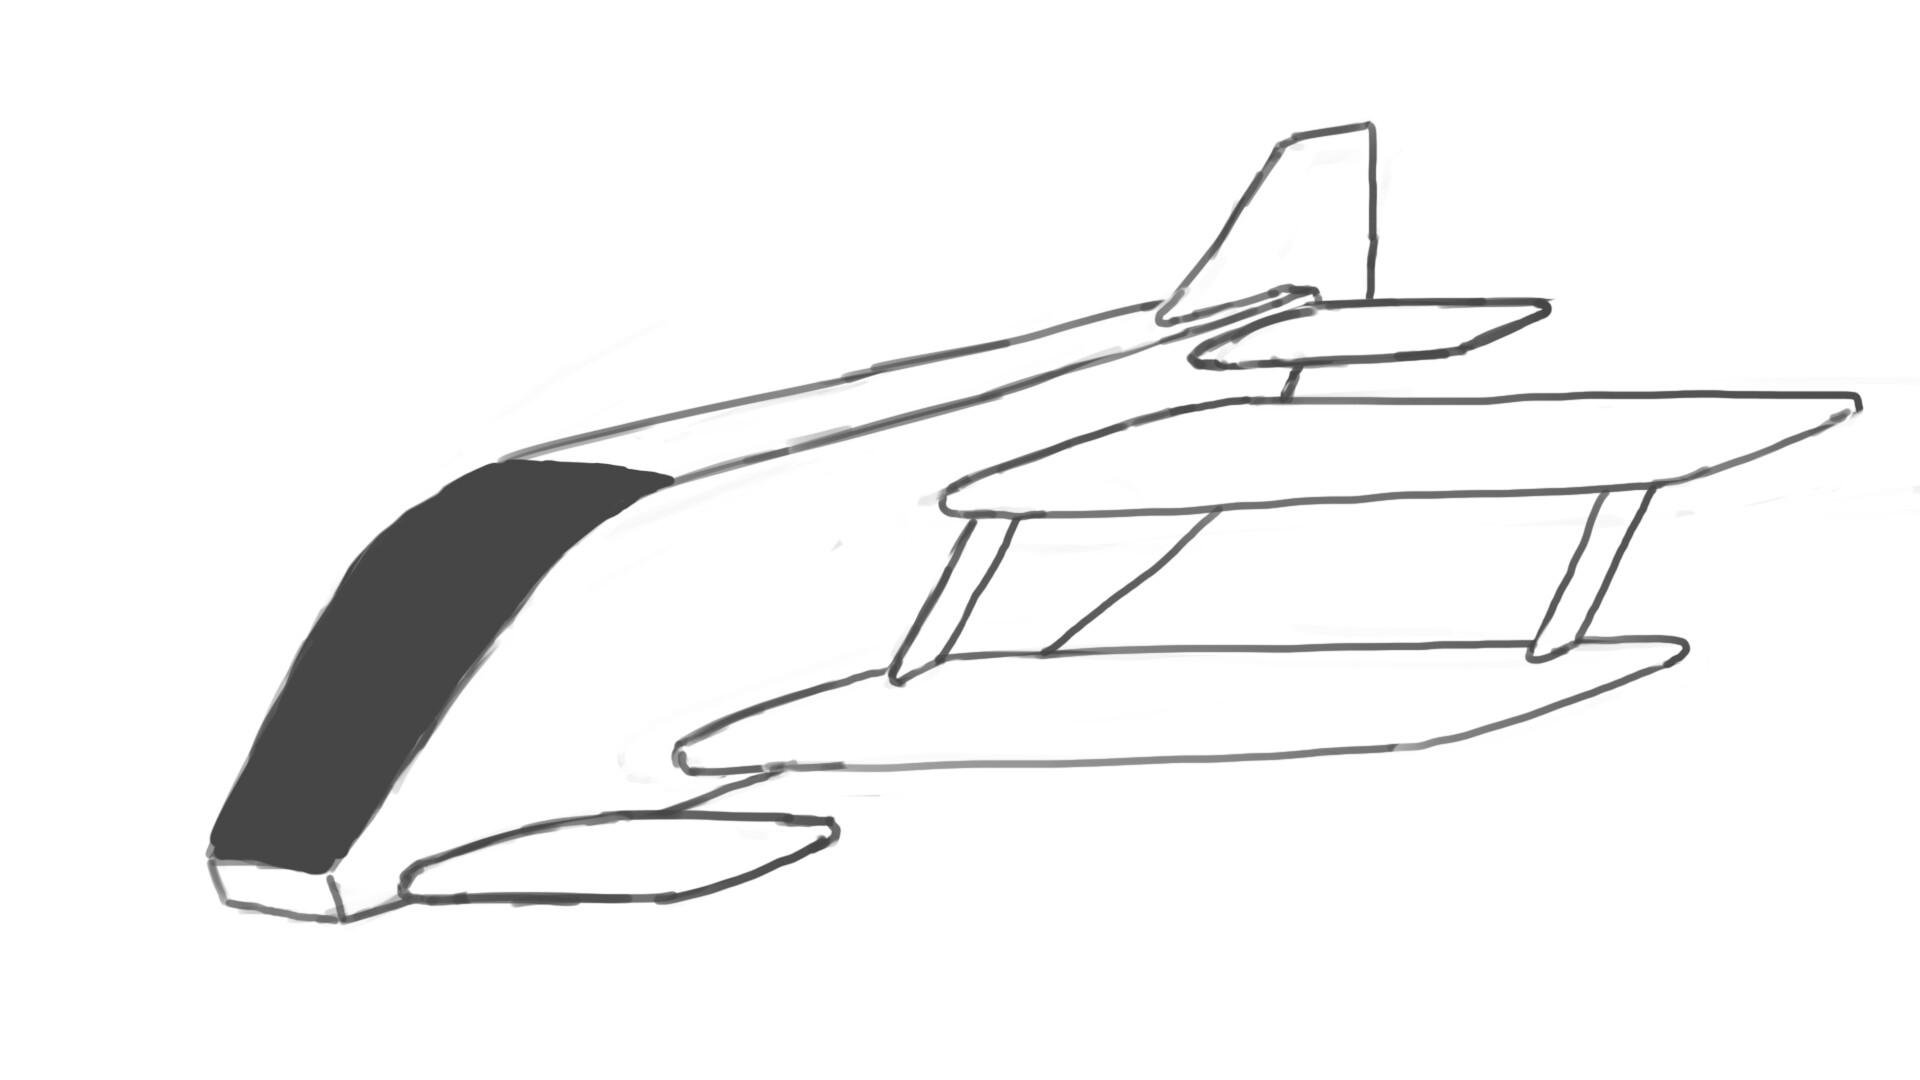 Alexander laheij drawing10 44